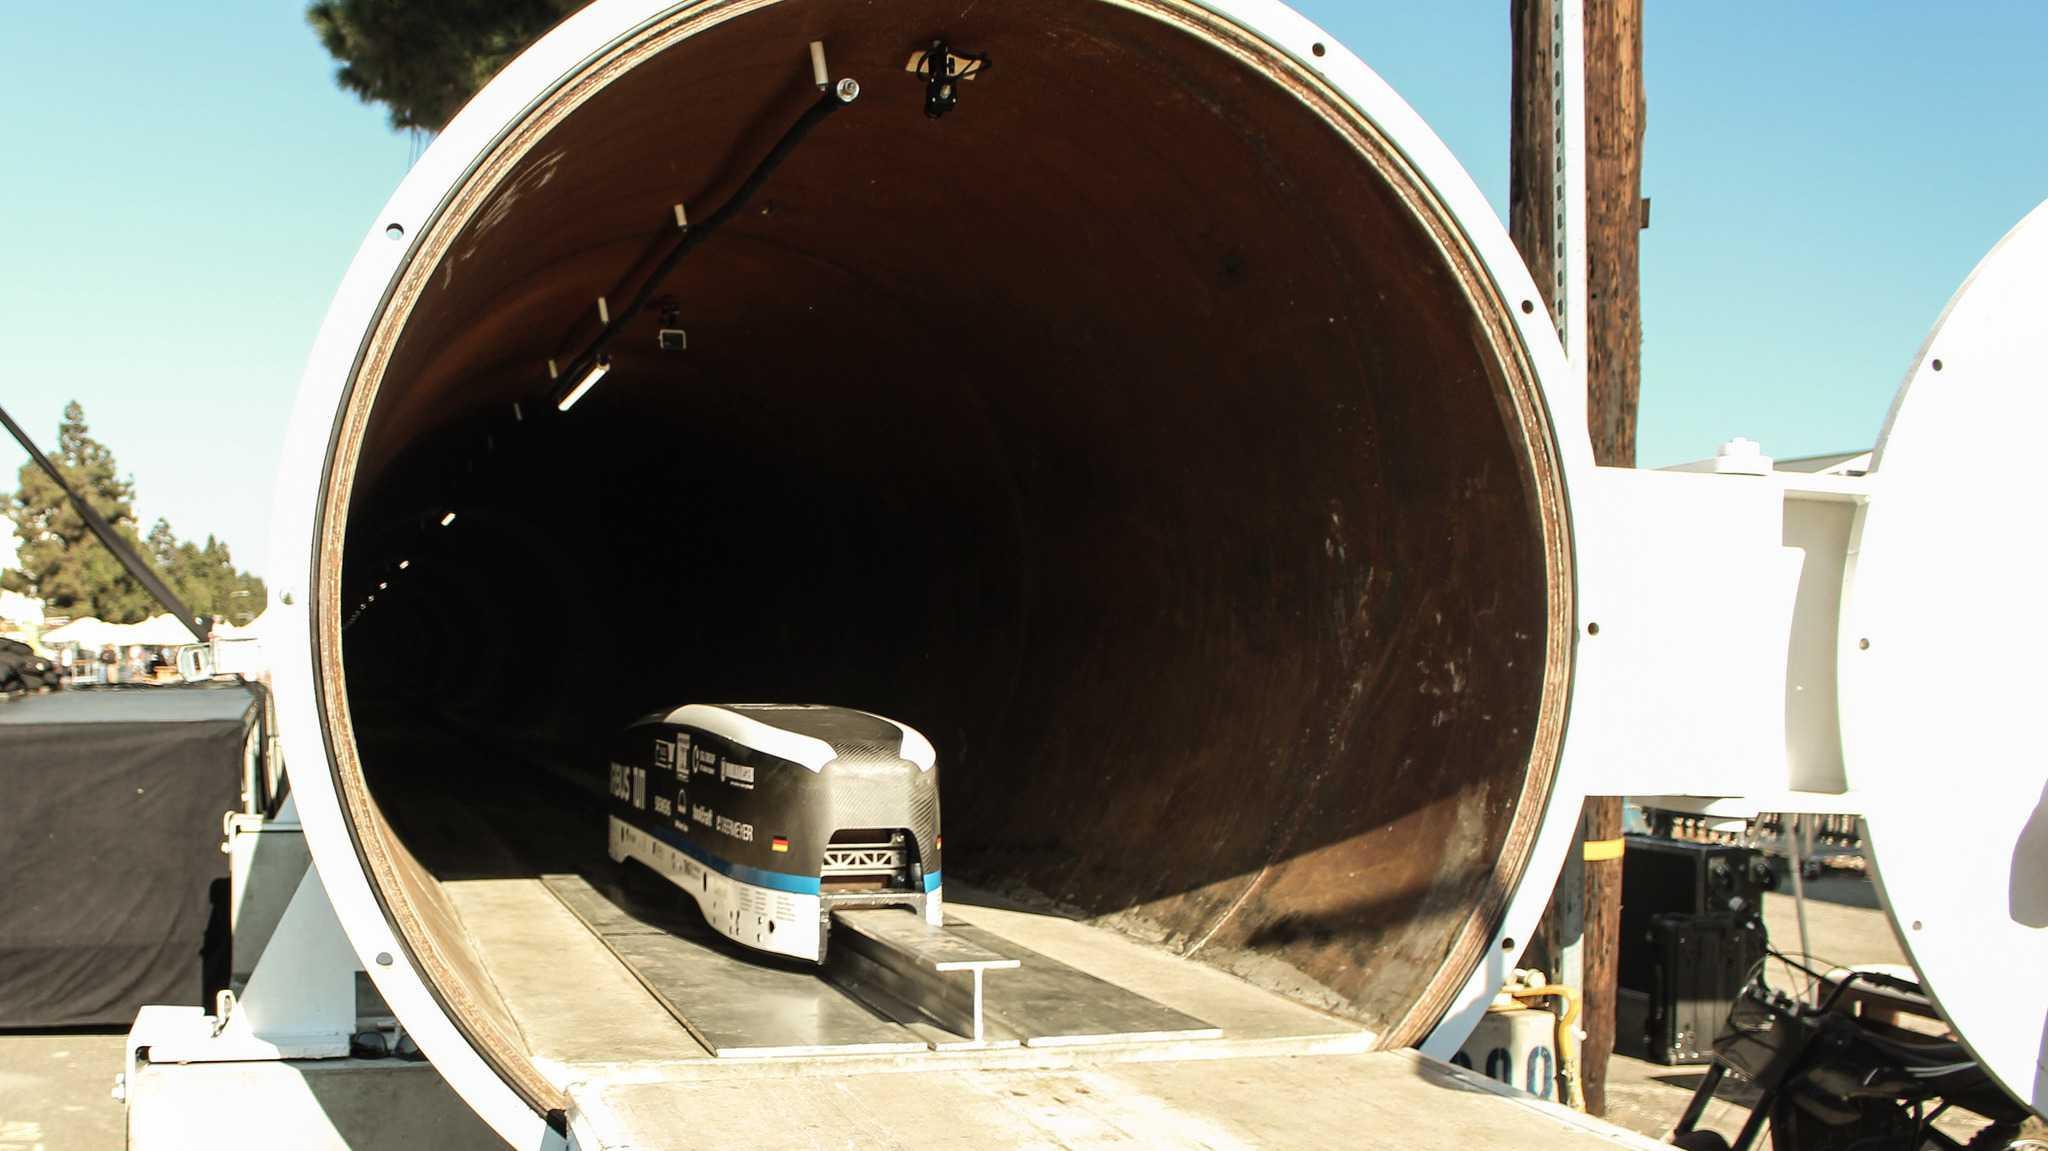 Hyperloop-Test: Münchener gewinnen erneut mit Geschwindigkeitsrekord